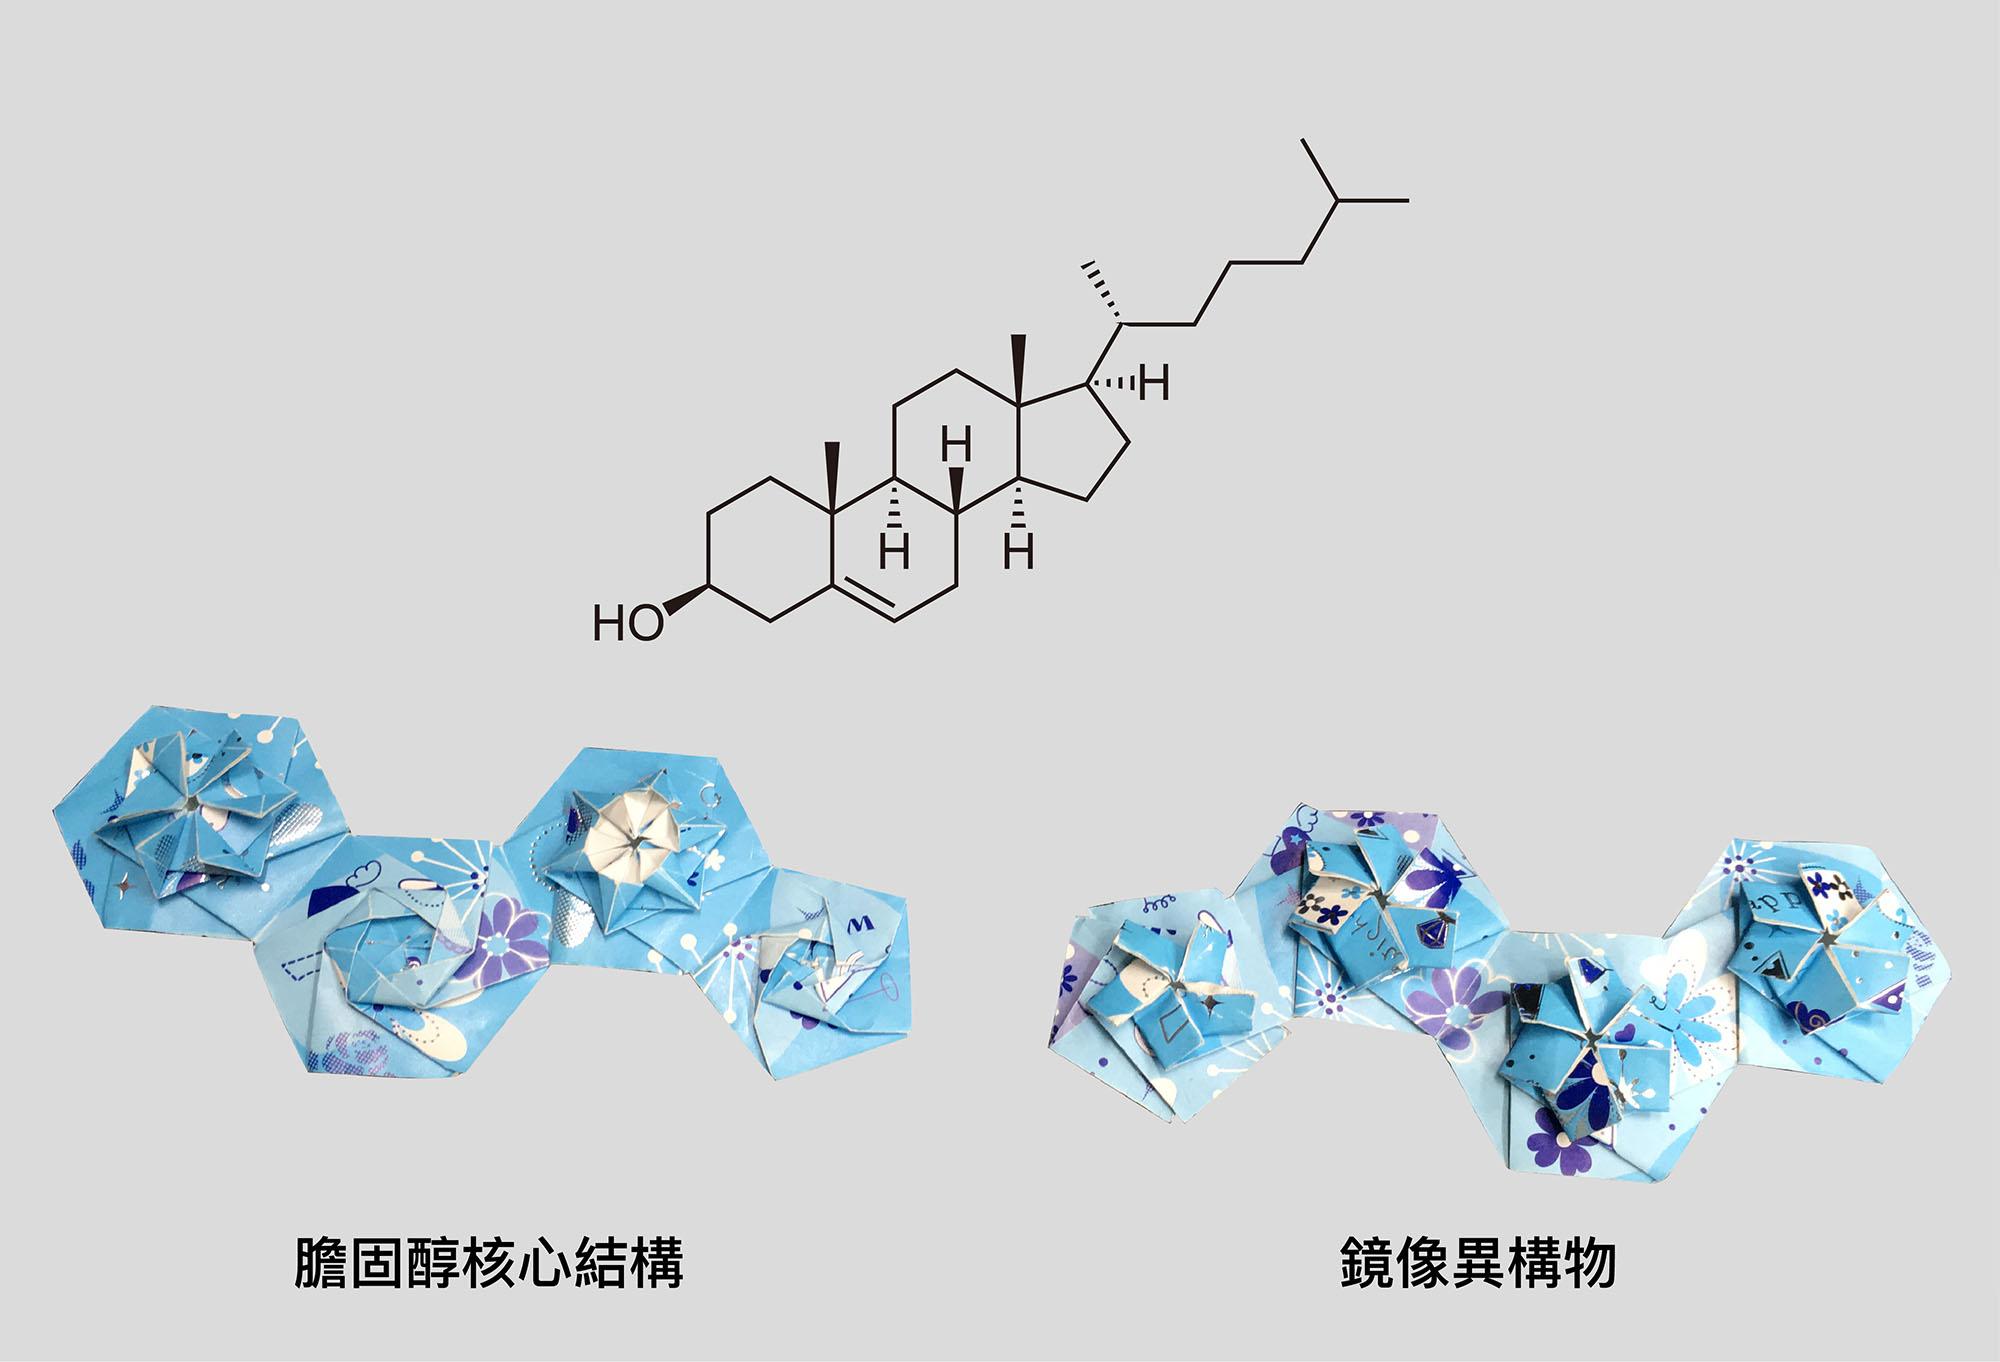 膽固醇的核心結構,由三個六環+一個五環組成,如同左側的摺紙。右側是摺反的鏡像異構物。 摺紙示範│洪上程 圖說重製│林婷嫻、張語辰